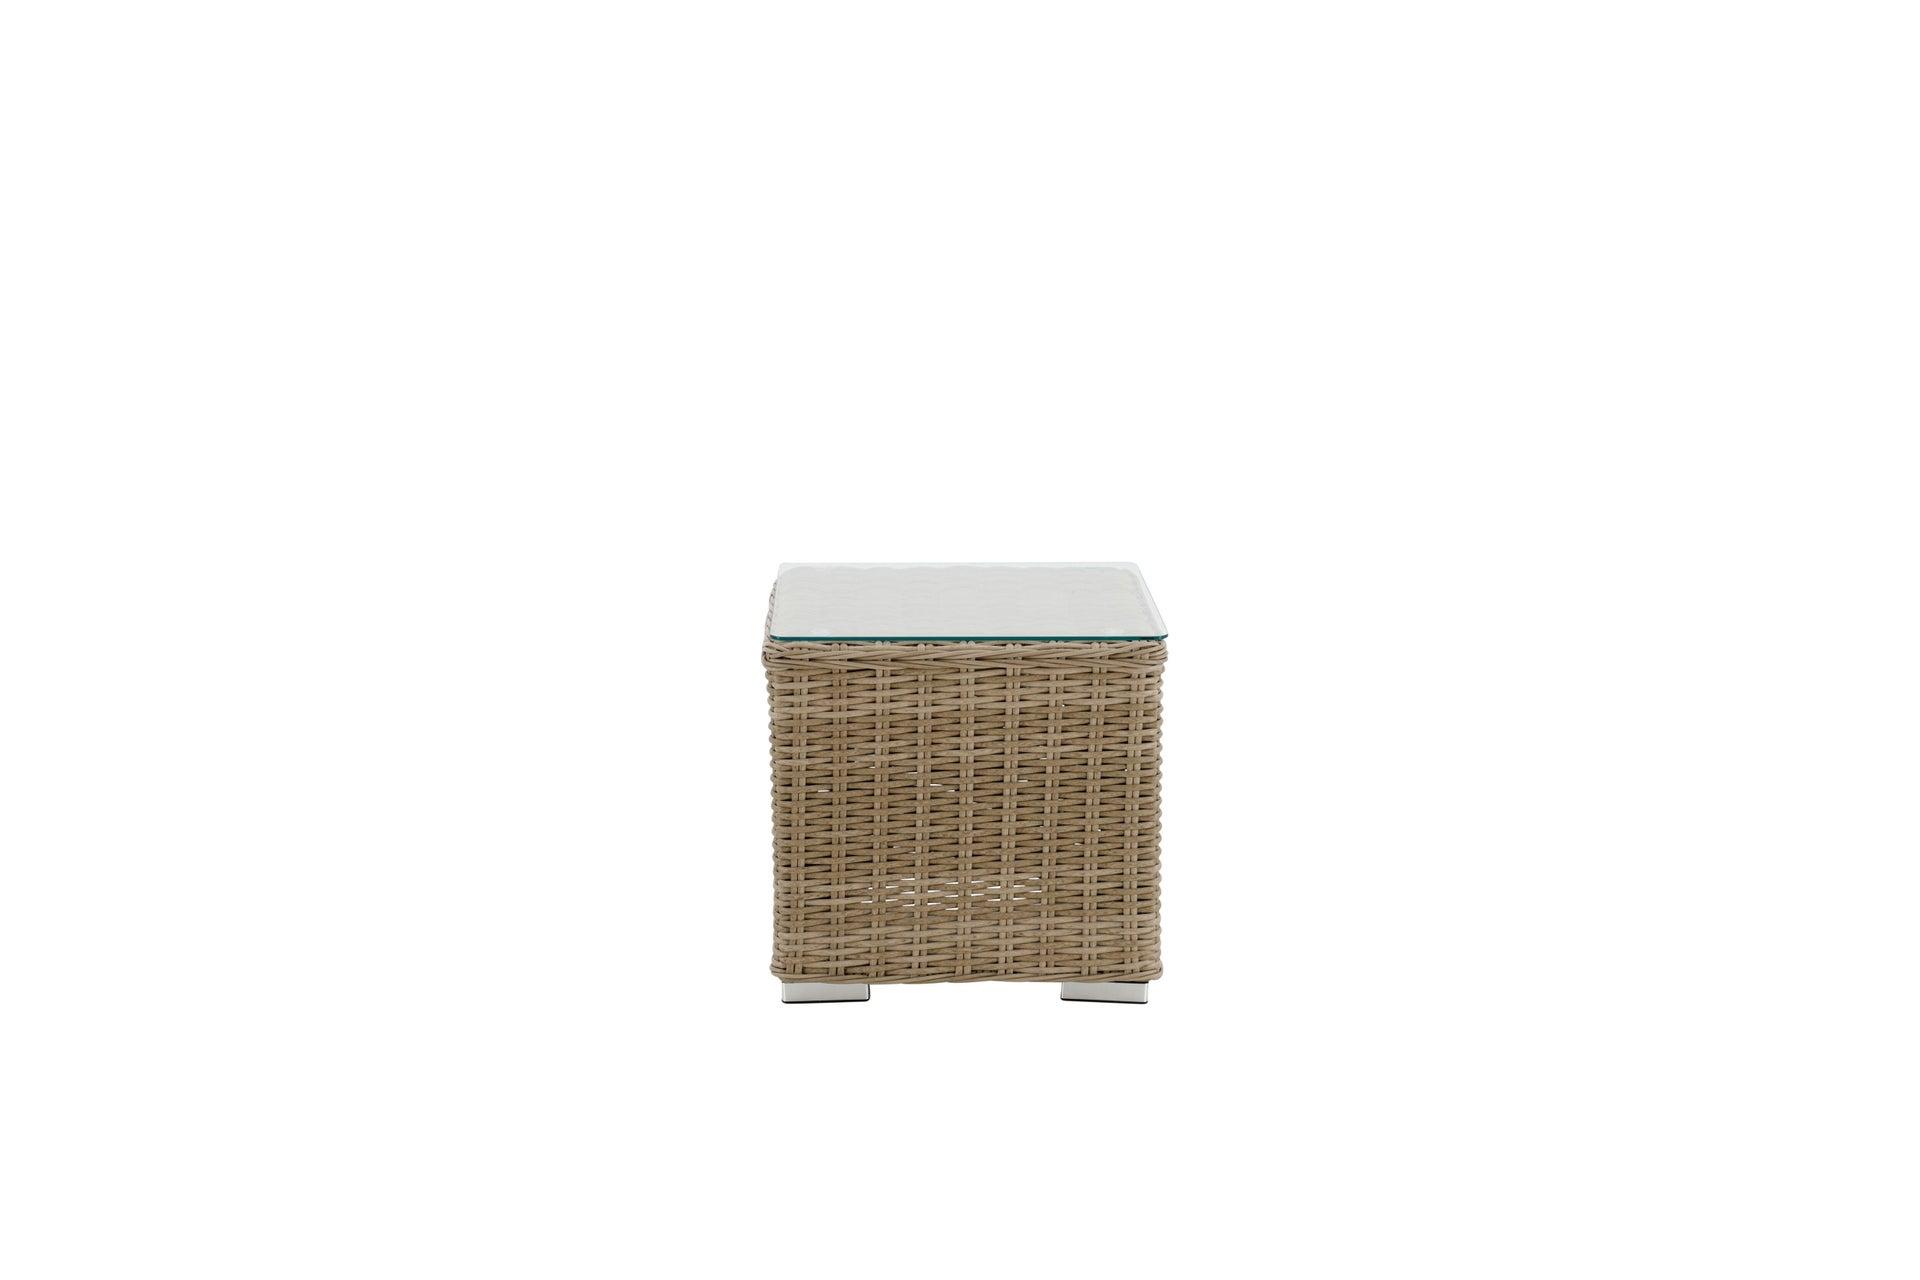 Tavolino da giardino quadrata Costarica NATERIAL con piano in vetro L 45 x P 45 cm - 2